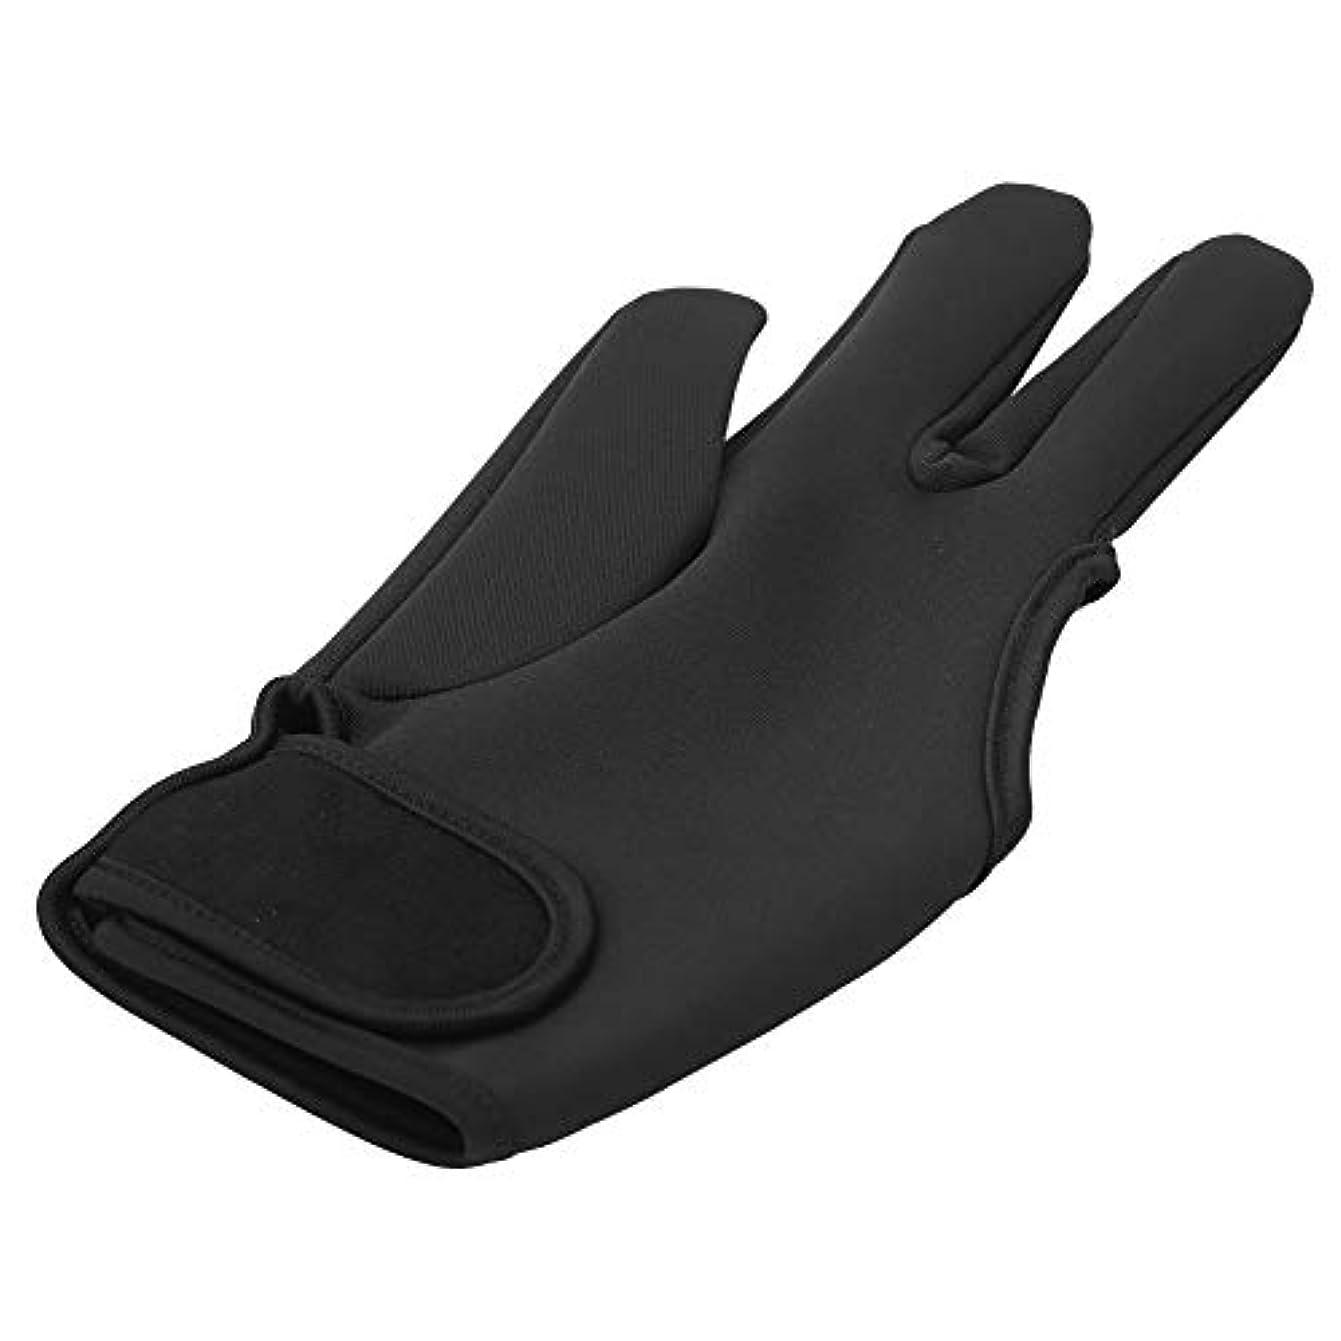 ブレイズ大脳正午理髪手袋、理髪を行うときに手をやけどするのを防ぐためのプロの耐熱プルーフグローブ、美容院に最適